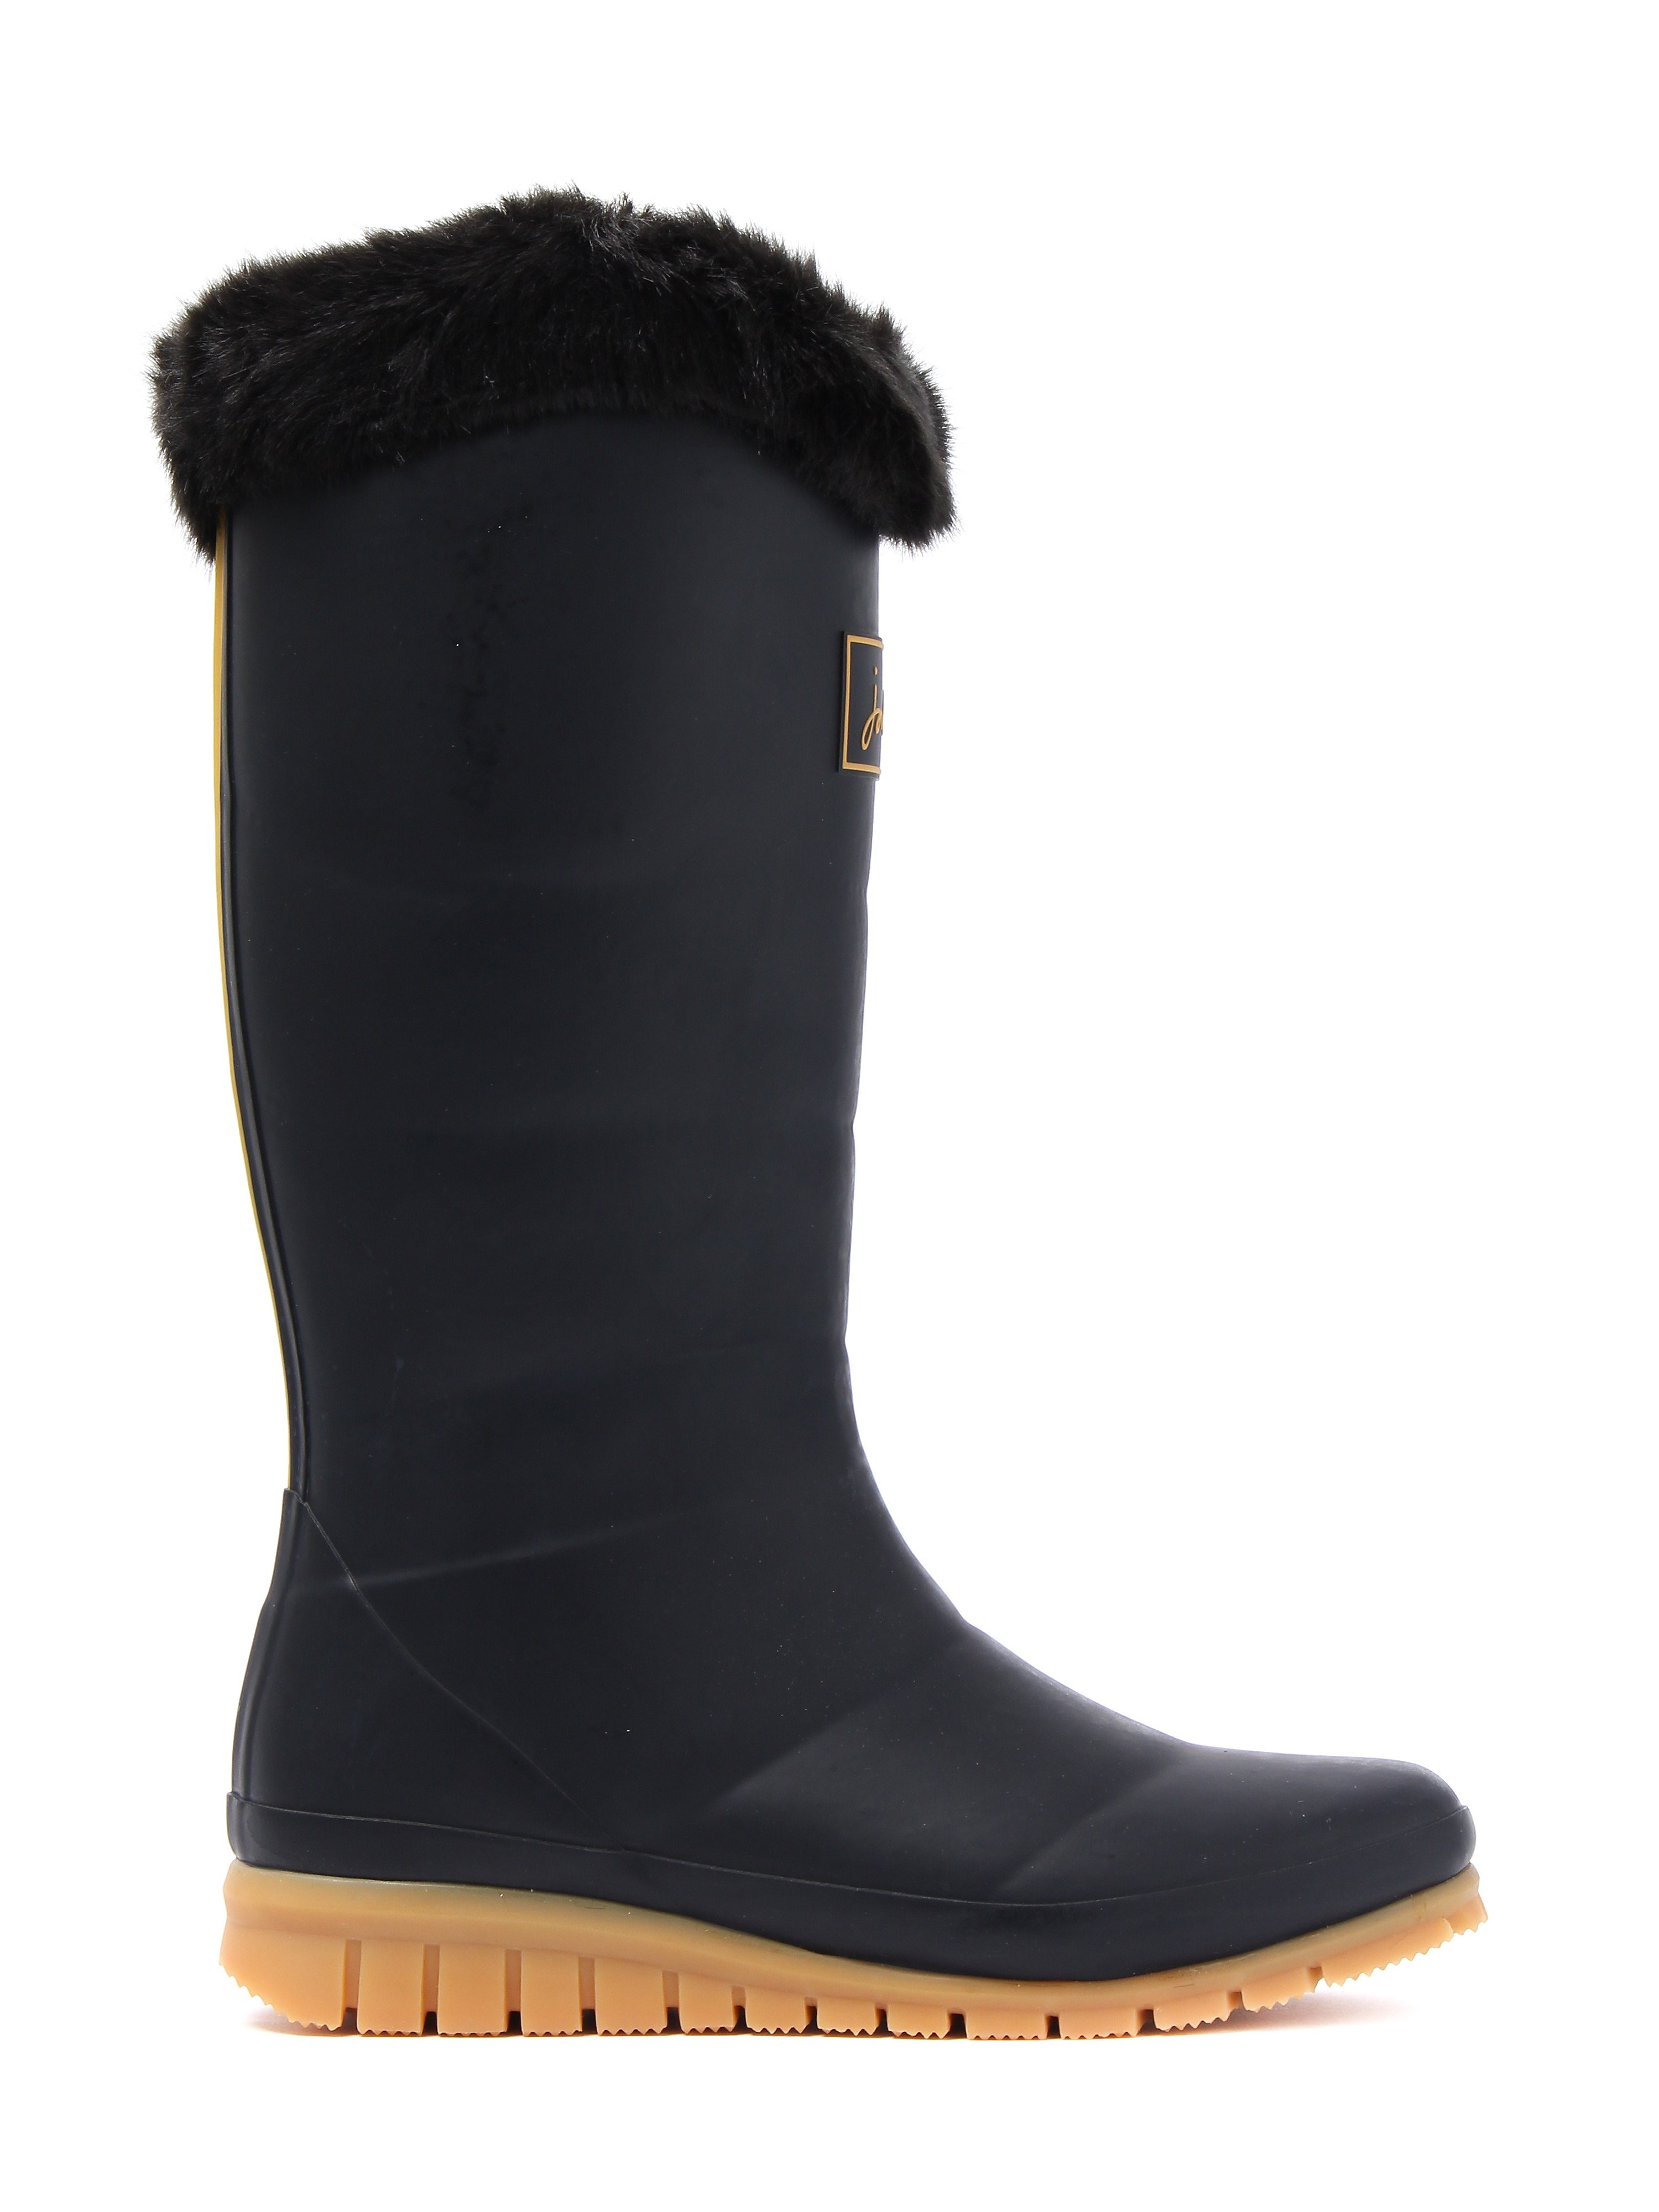 Joules Women's Downton Rubber Wellington Boots - Black